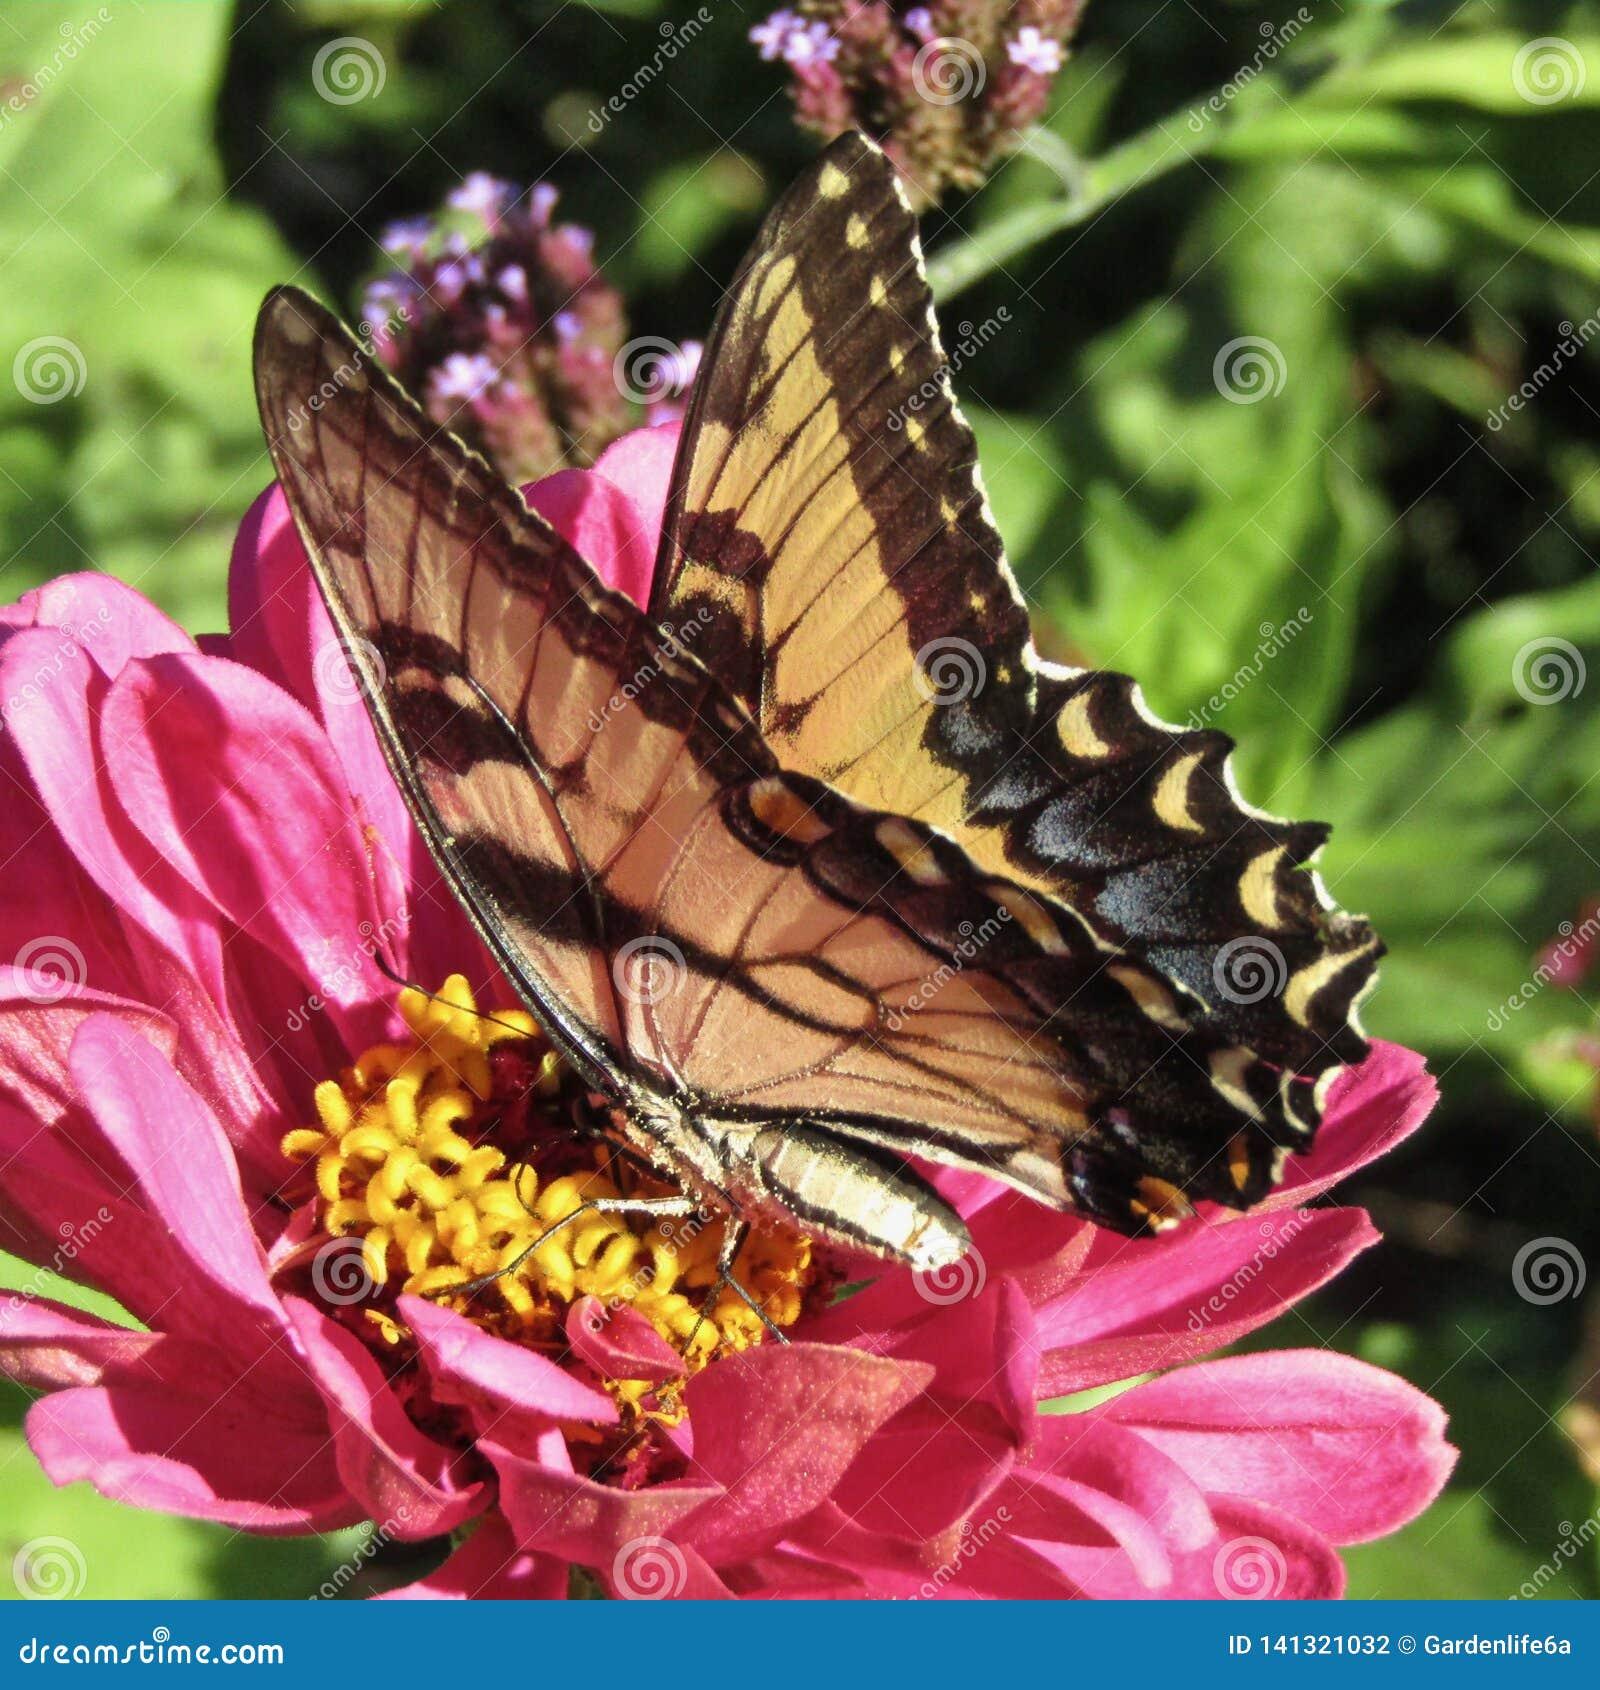 Fleur rose de zinnia fournissant le nectar au glaucus oriental de Papilio de papillon de machaon de tigre